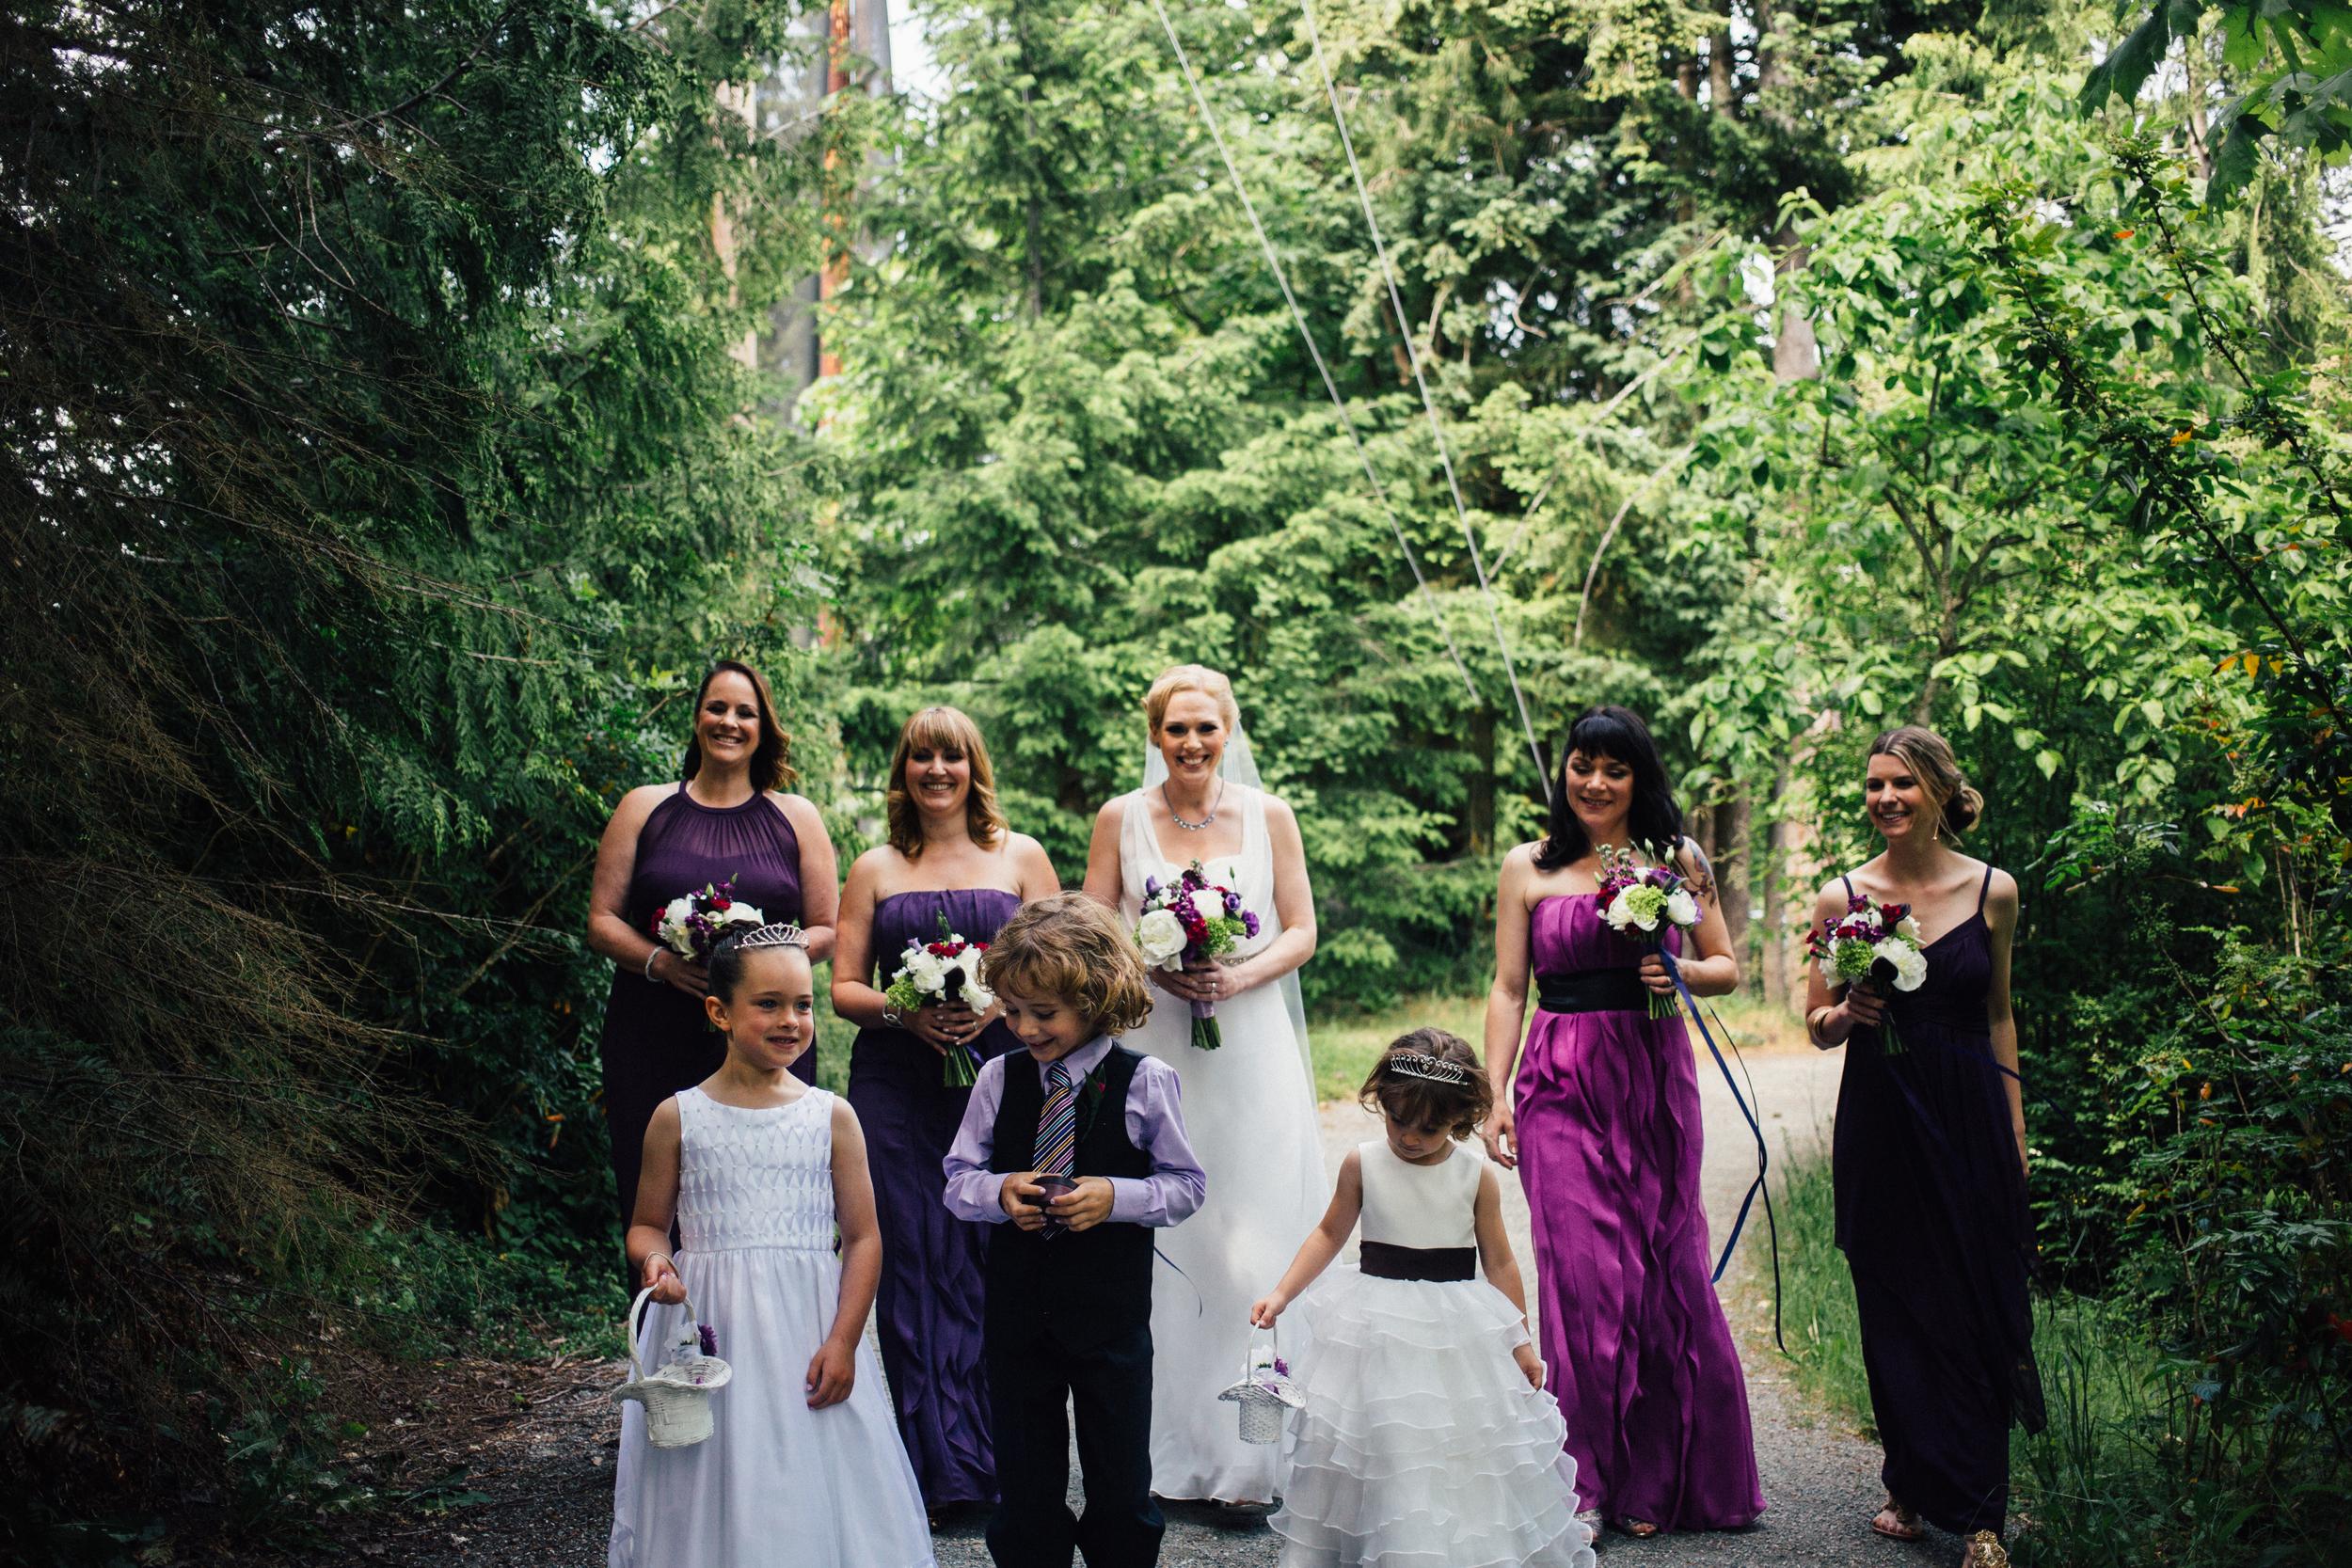 dogwoodphotography_photographer_vancouver_wedding_kimberley (20 of 180).jpg